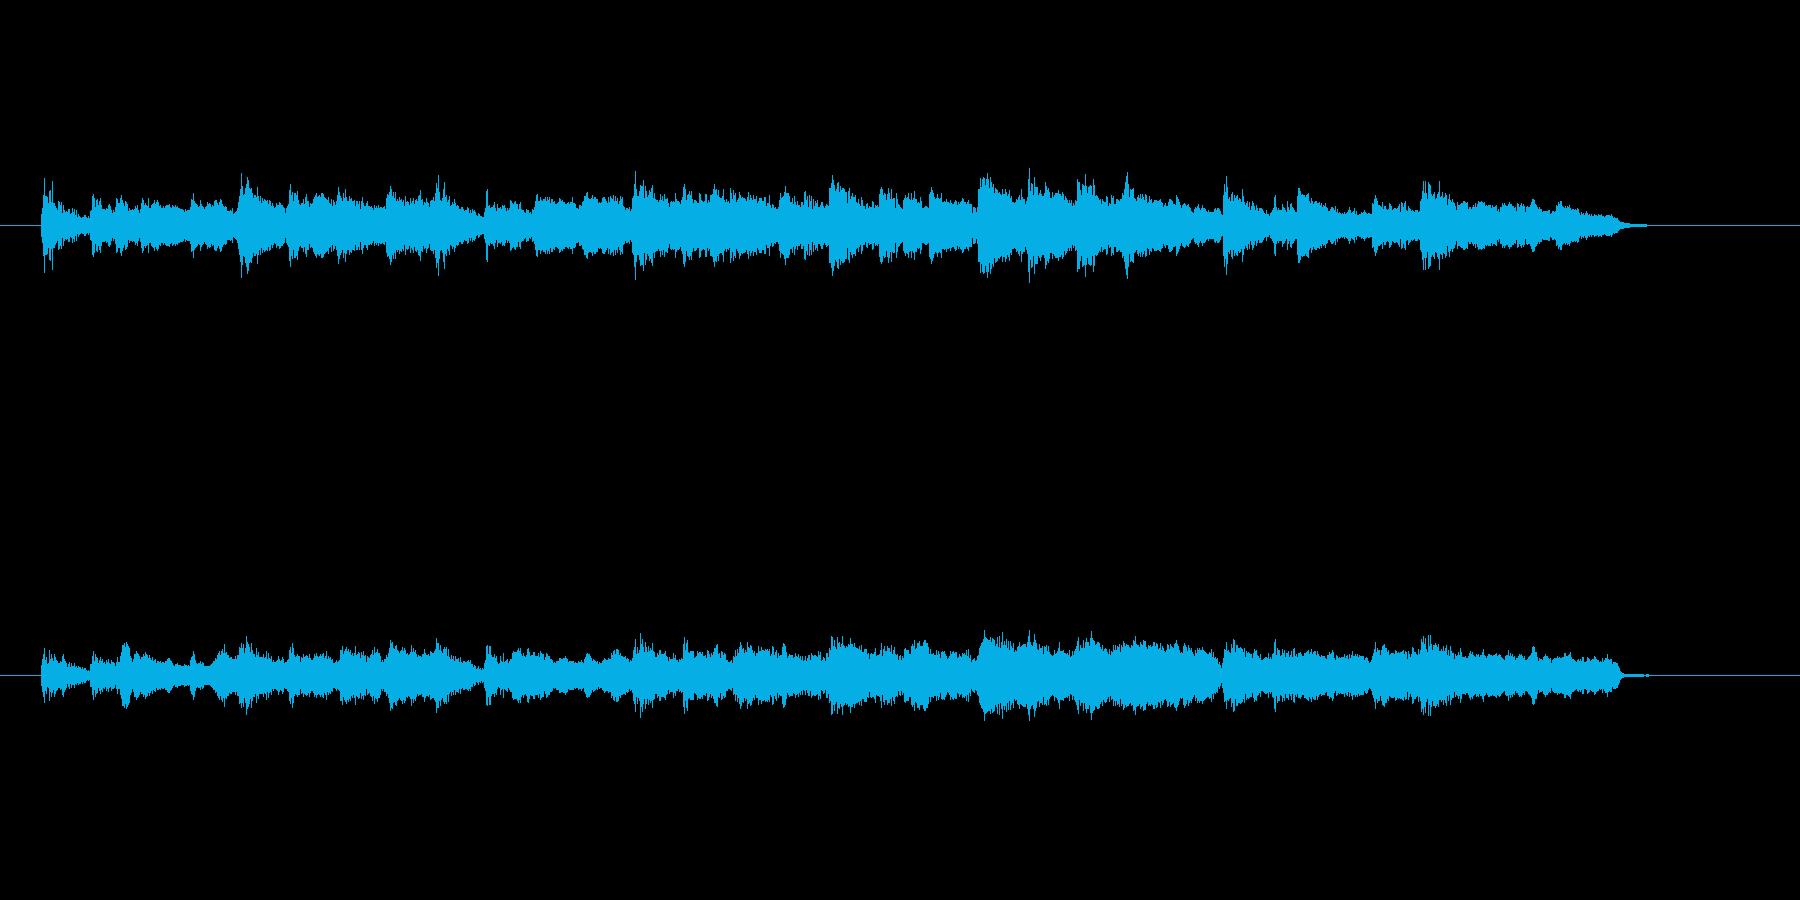 スロー・バラード(セミ・クラ風)の再生済みの波形